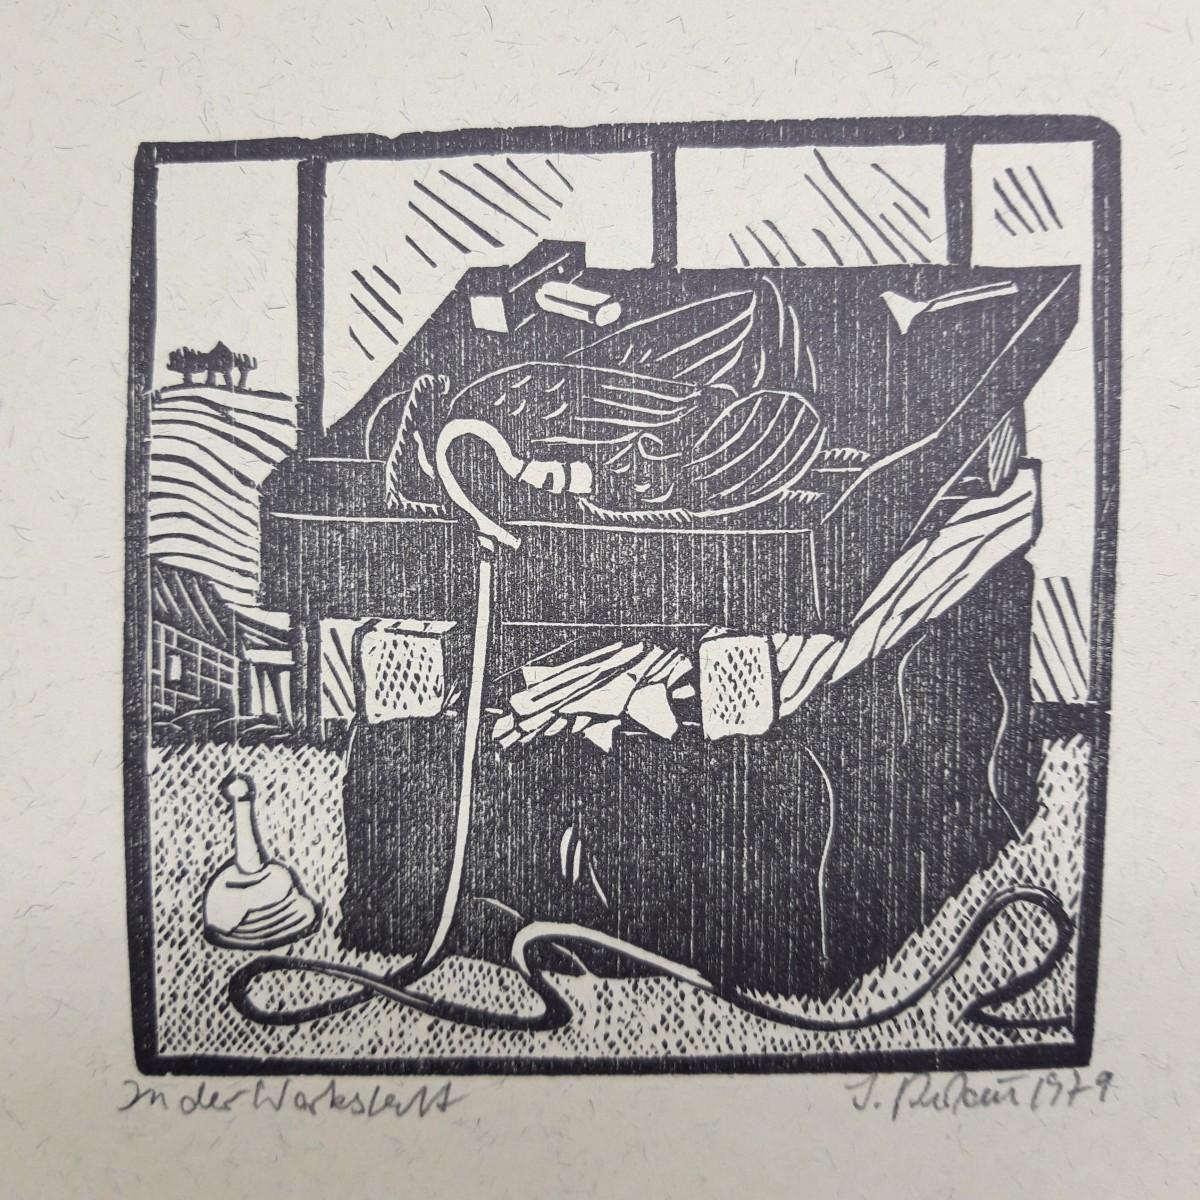 Jochem Pechau - Holzschnitt 'In der Werkstatt', 1979 kopen? Bied vanaf 65!